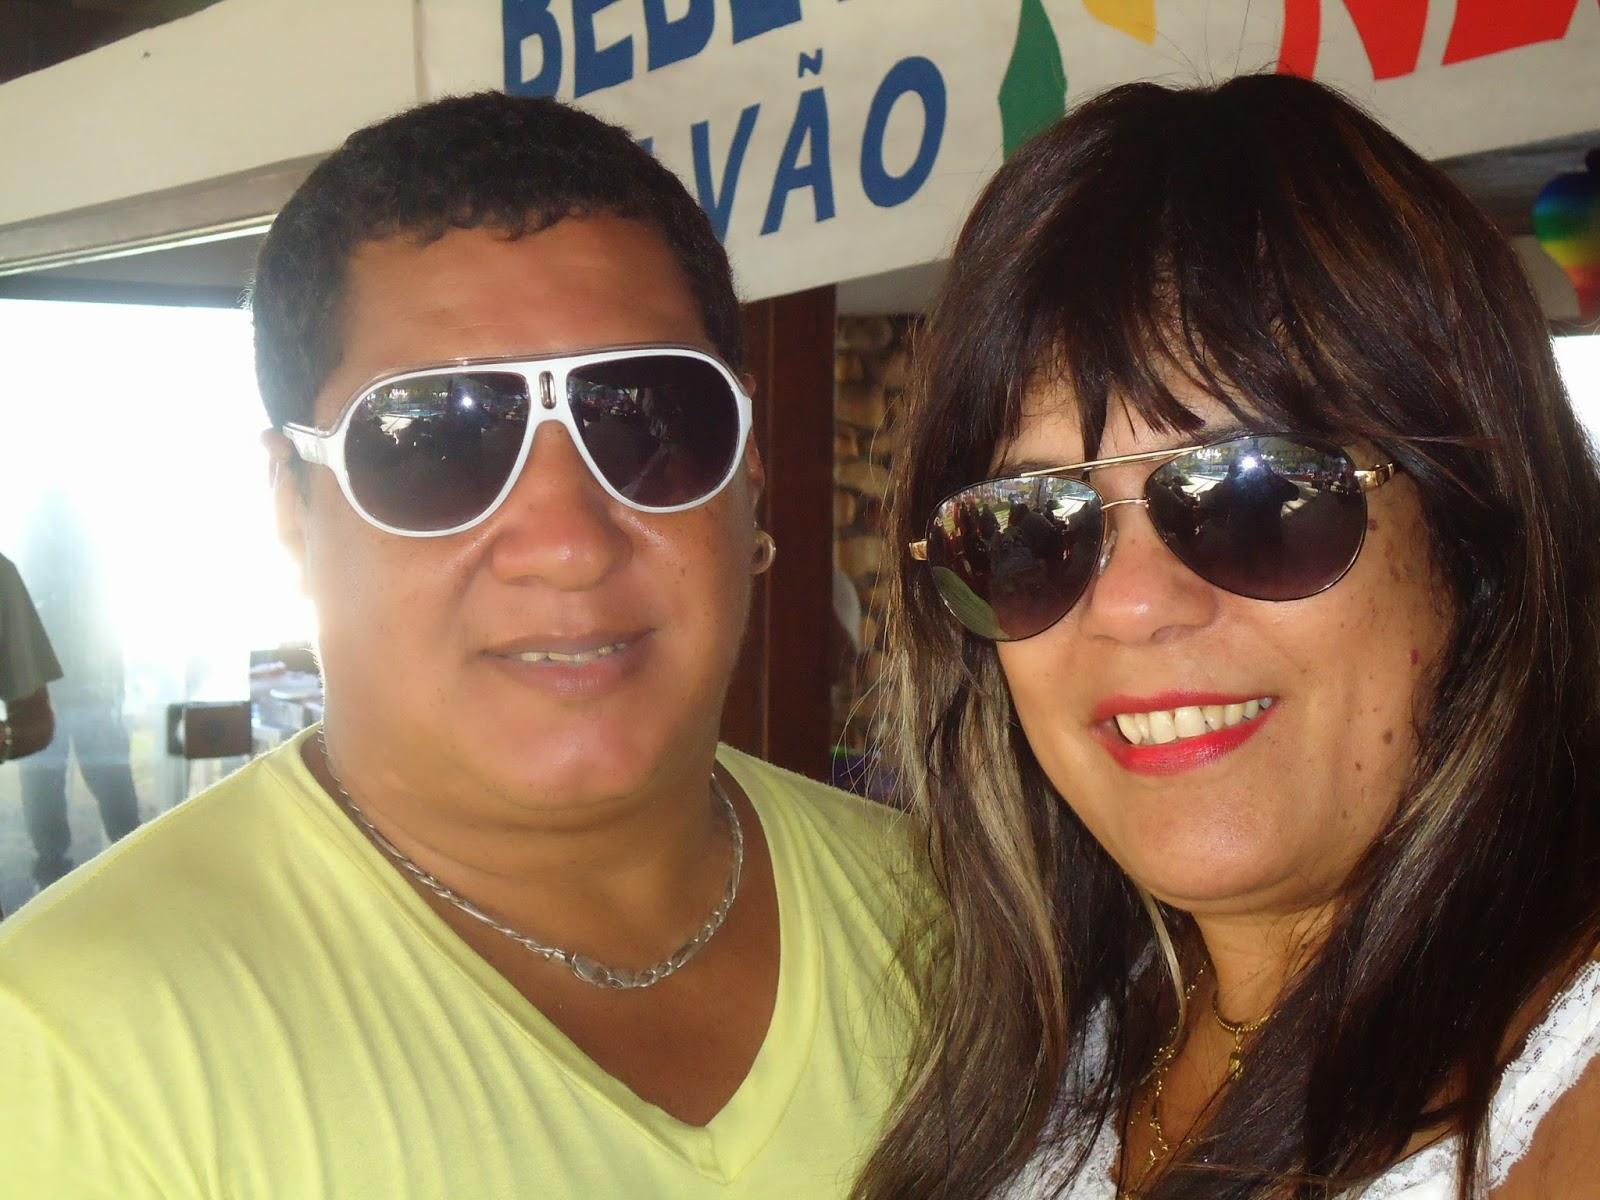 casamento jardim atlantico ilheus:CORREIO DO ESTADO: SINDIPOC REUNE POLICIAIS CIVIS DO SUL DA BAHIA E